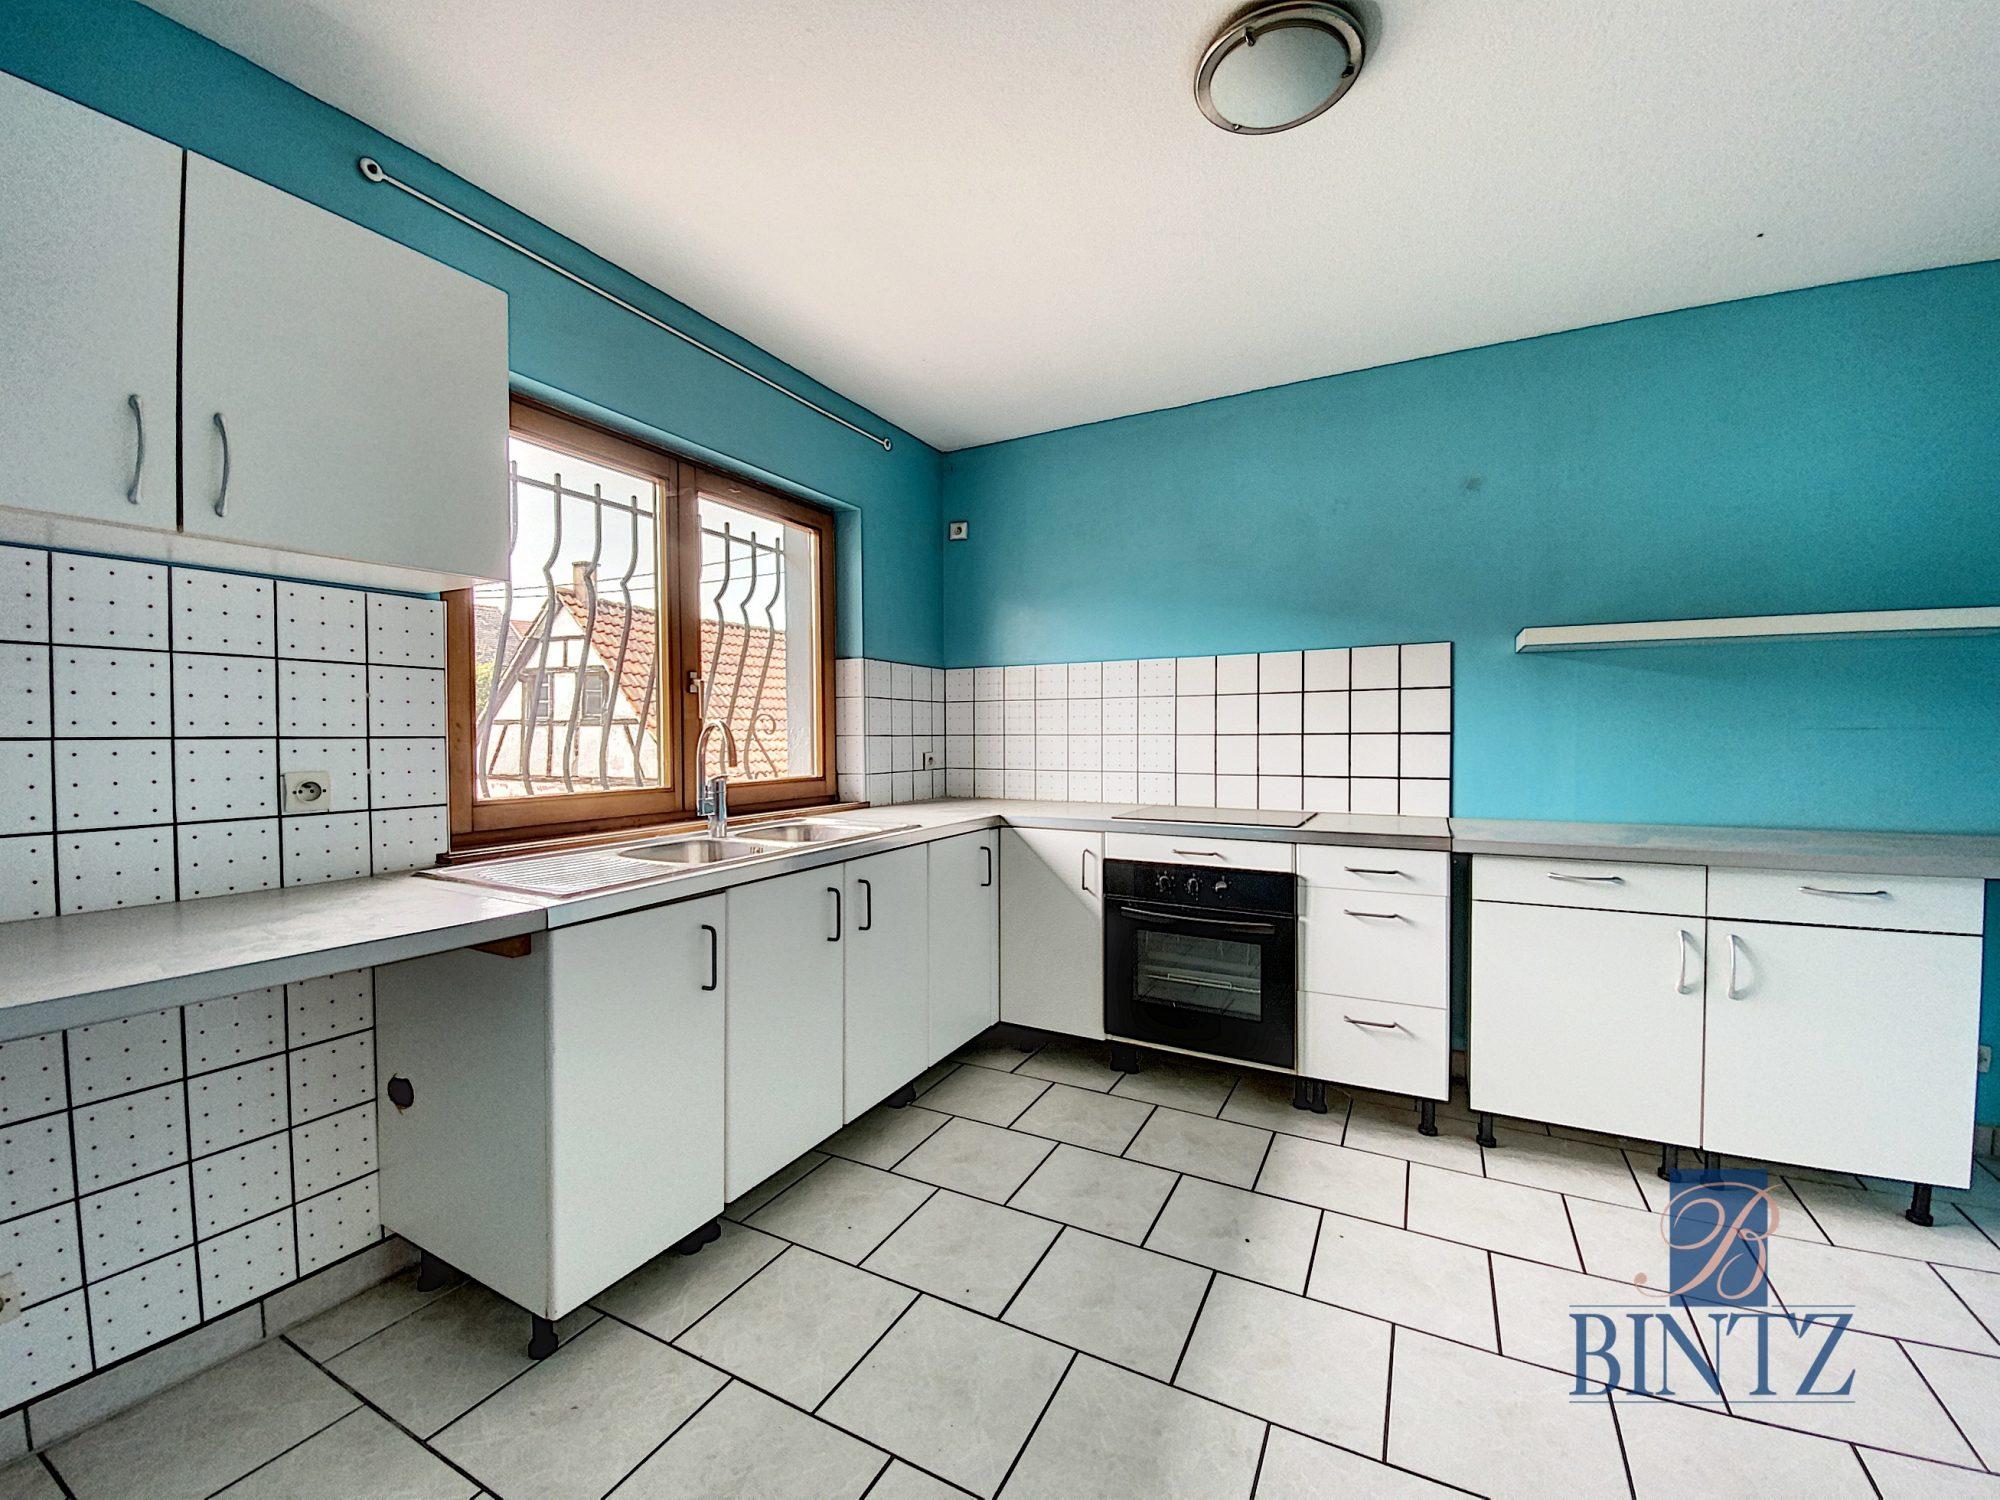 Charmant T3 Duplex avec belle terrasse - Devenez propriétaire en toute confiance - Bintz Immobilier - 6